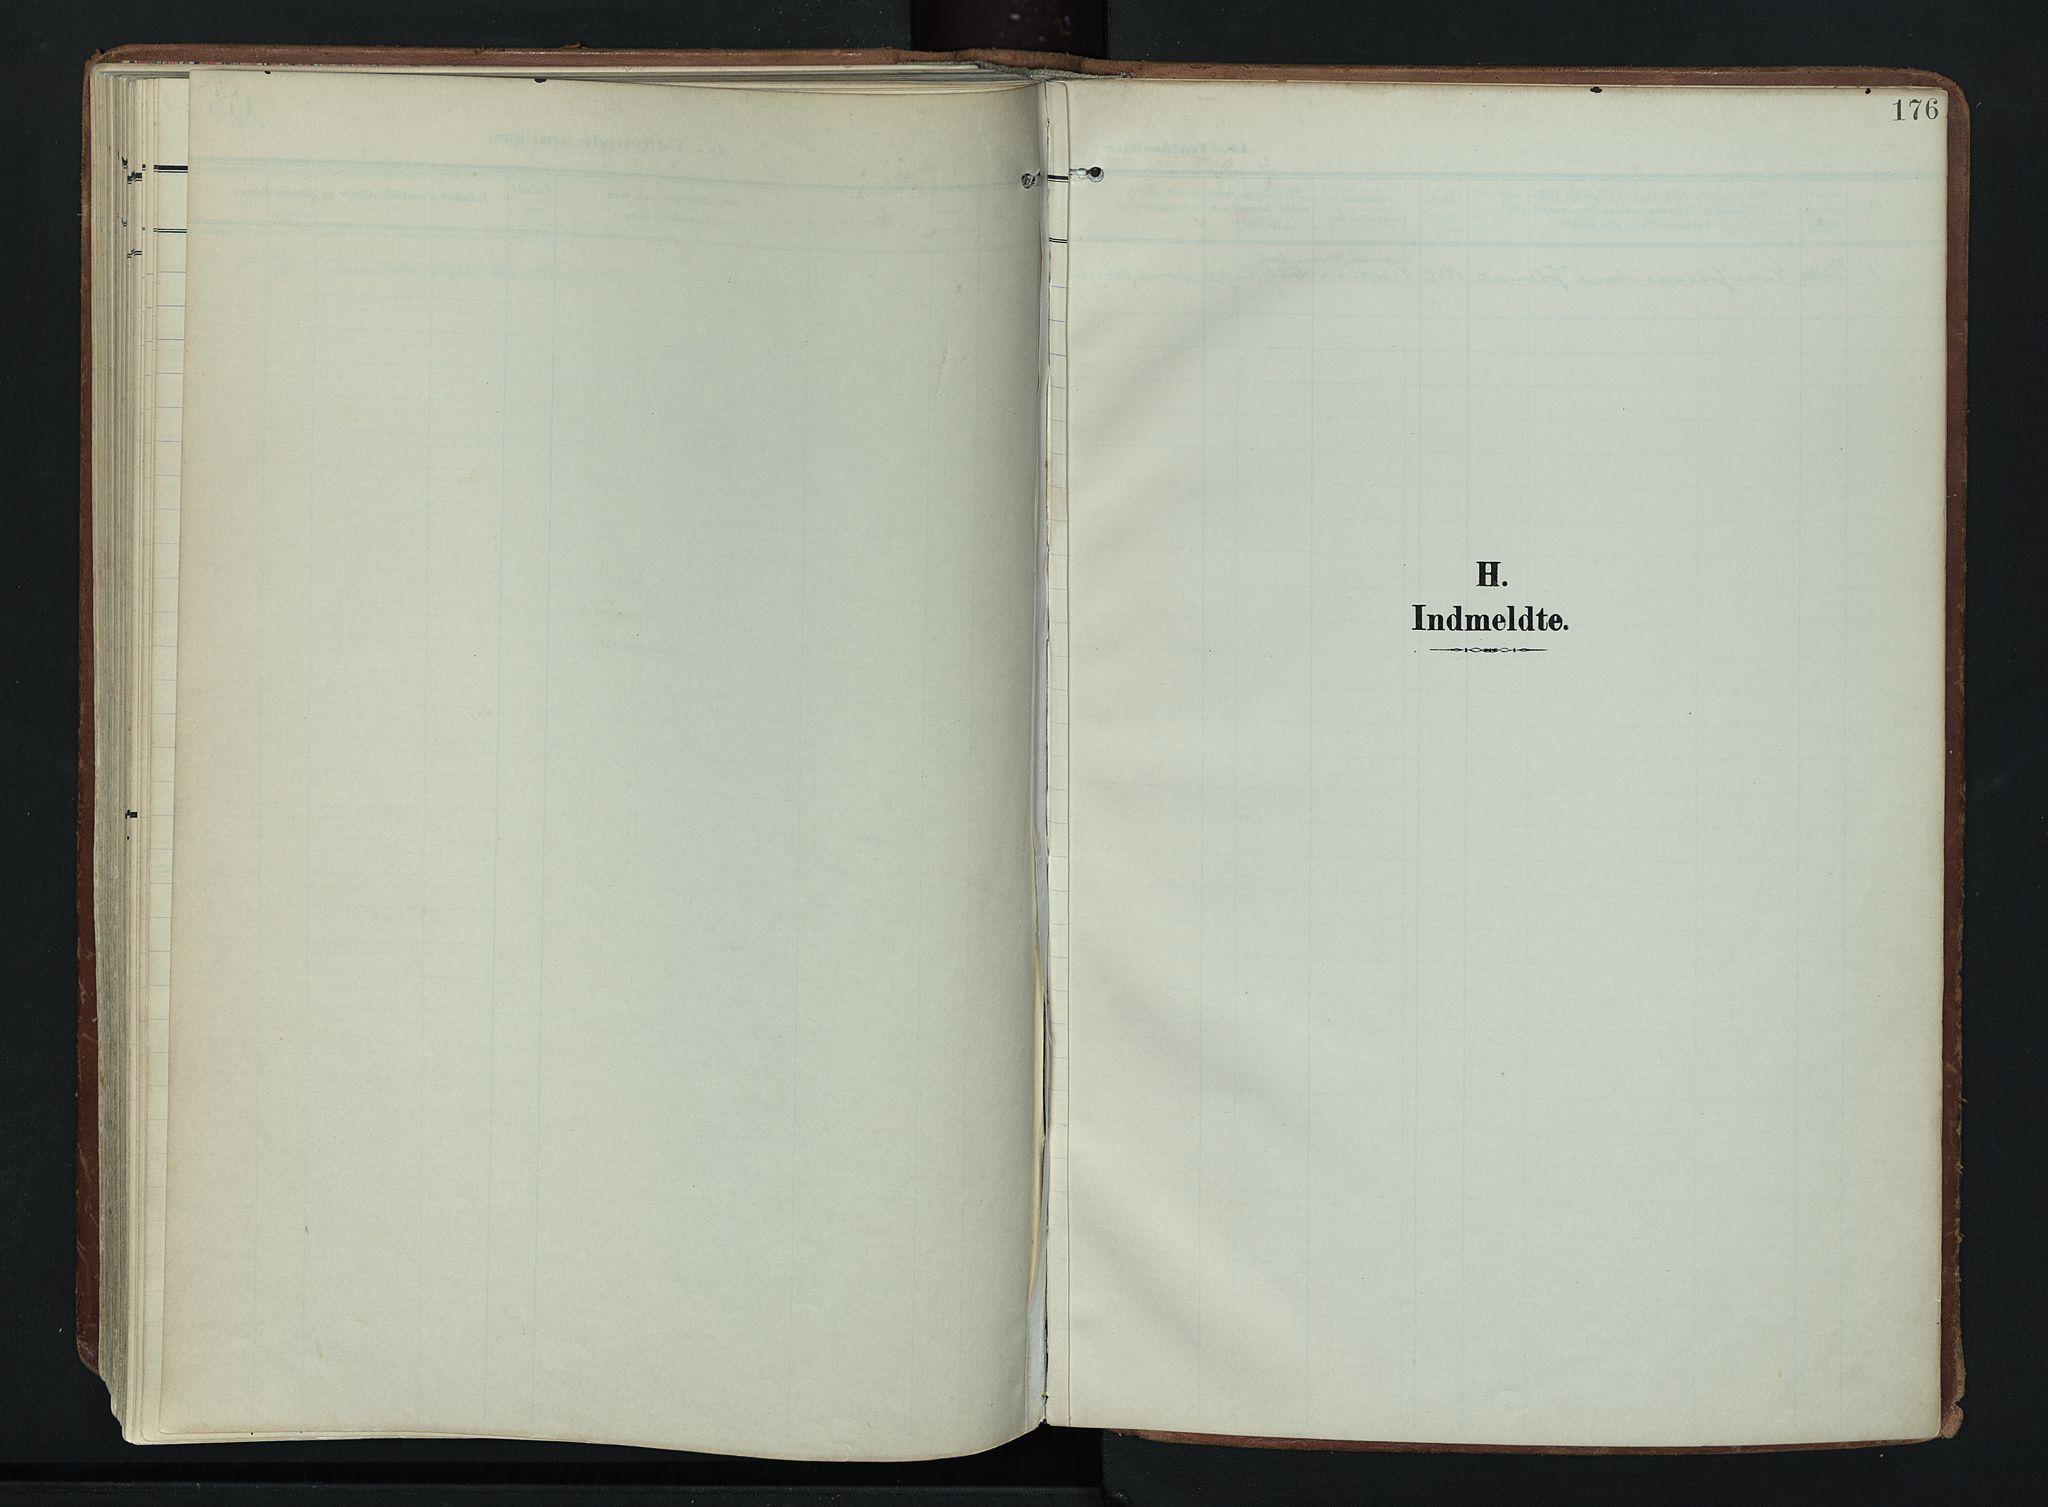 SAH, Søndre Land prestekontor, K/L0007: Ministerialbok nr. 7, 1905-1914, s. 176